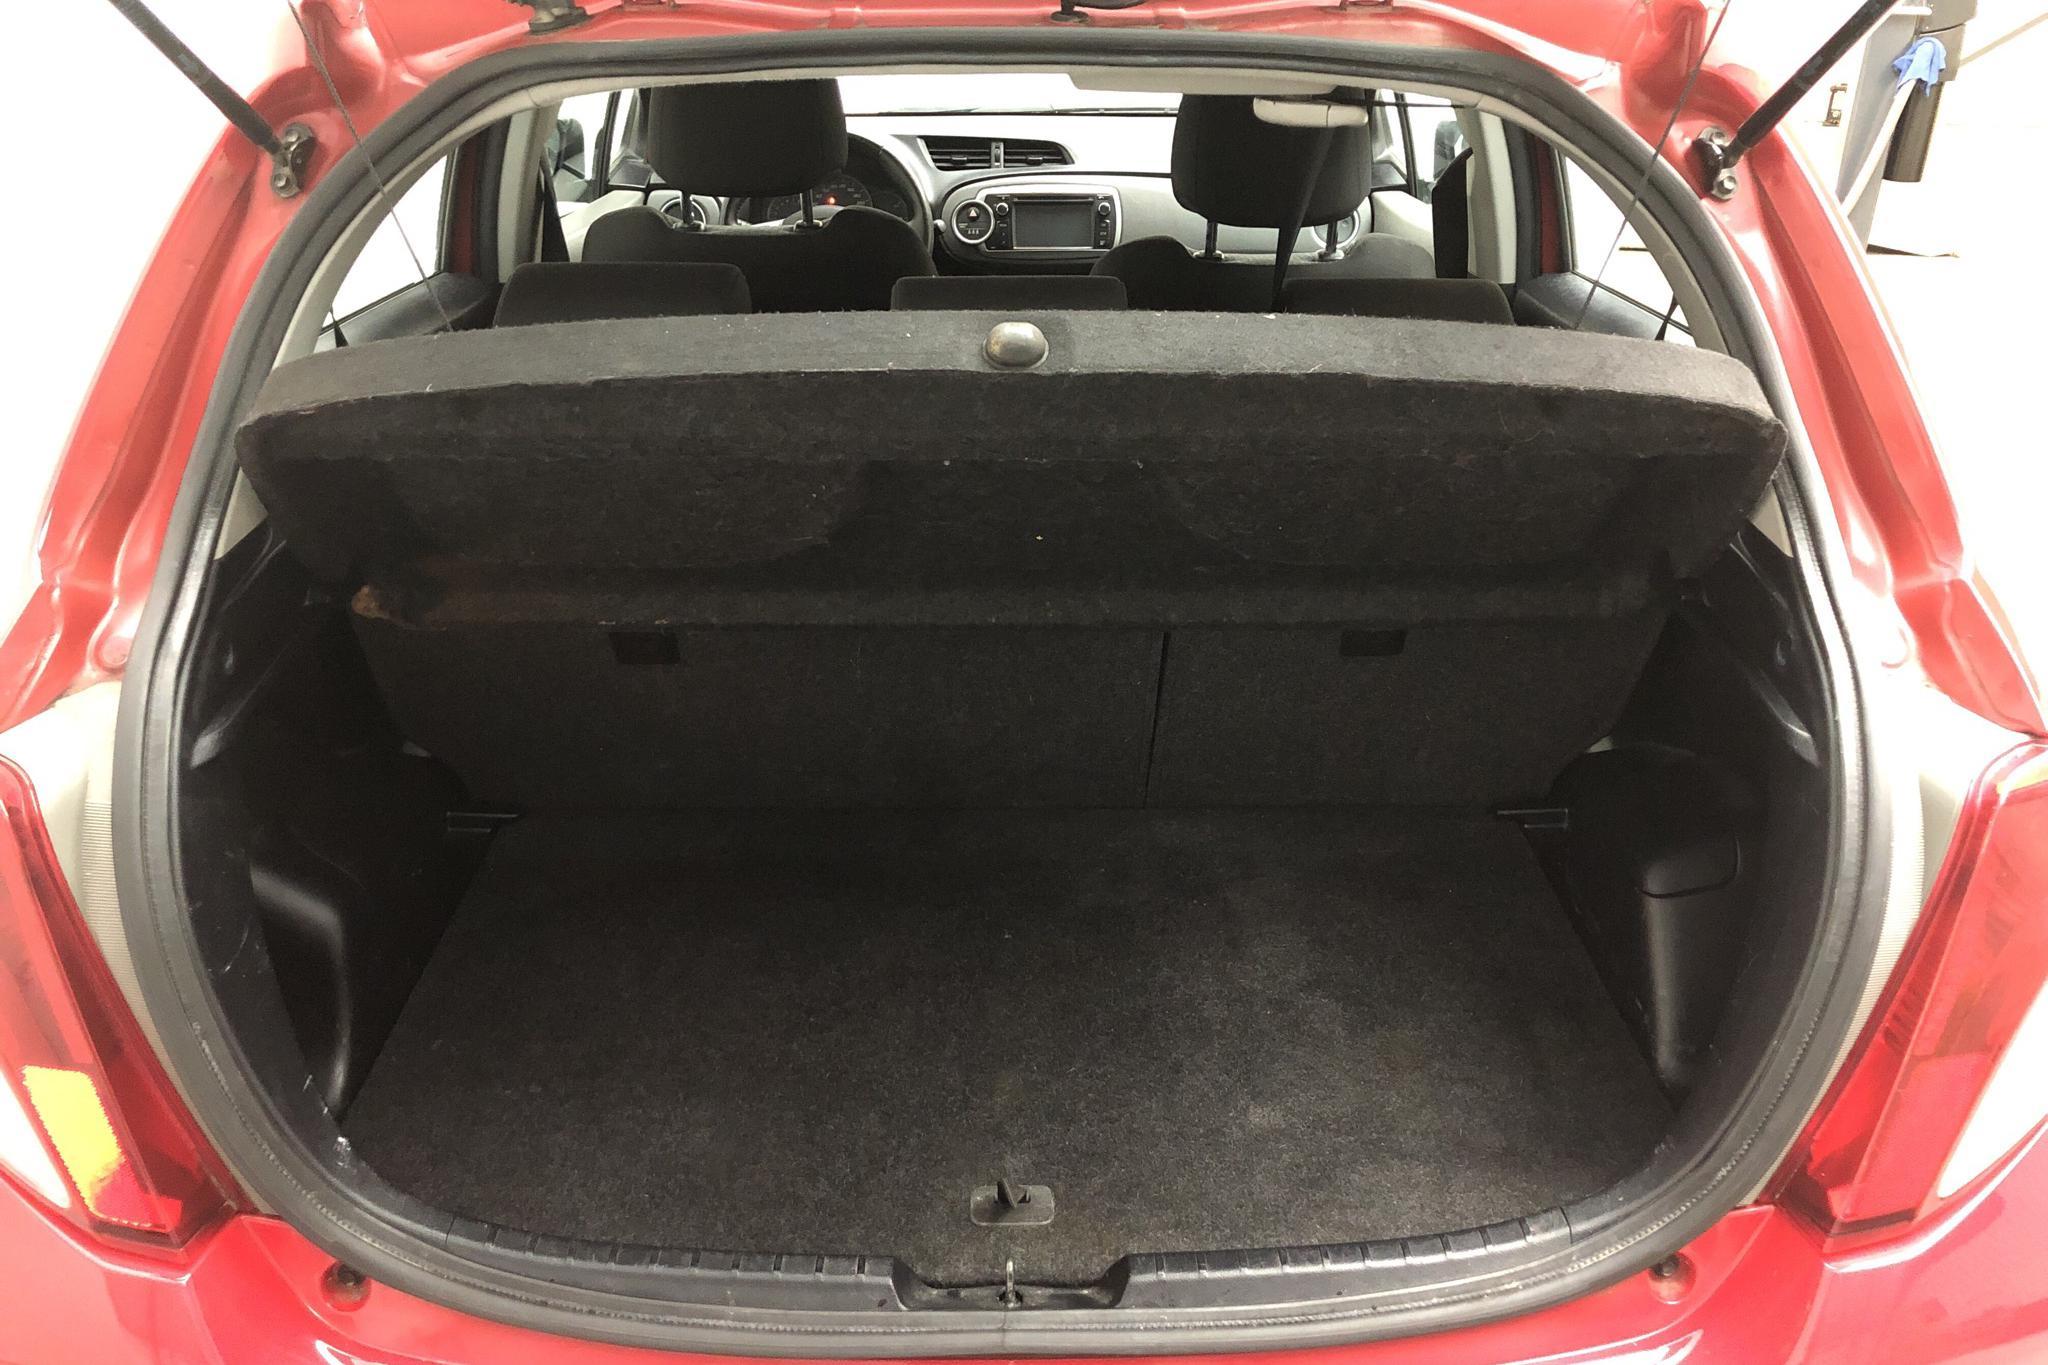 Toyota Yaris 1.33 5dr (100hk) - 135 040 km - Manual - red - 2012